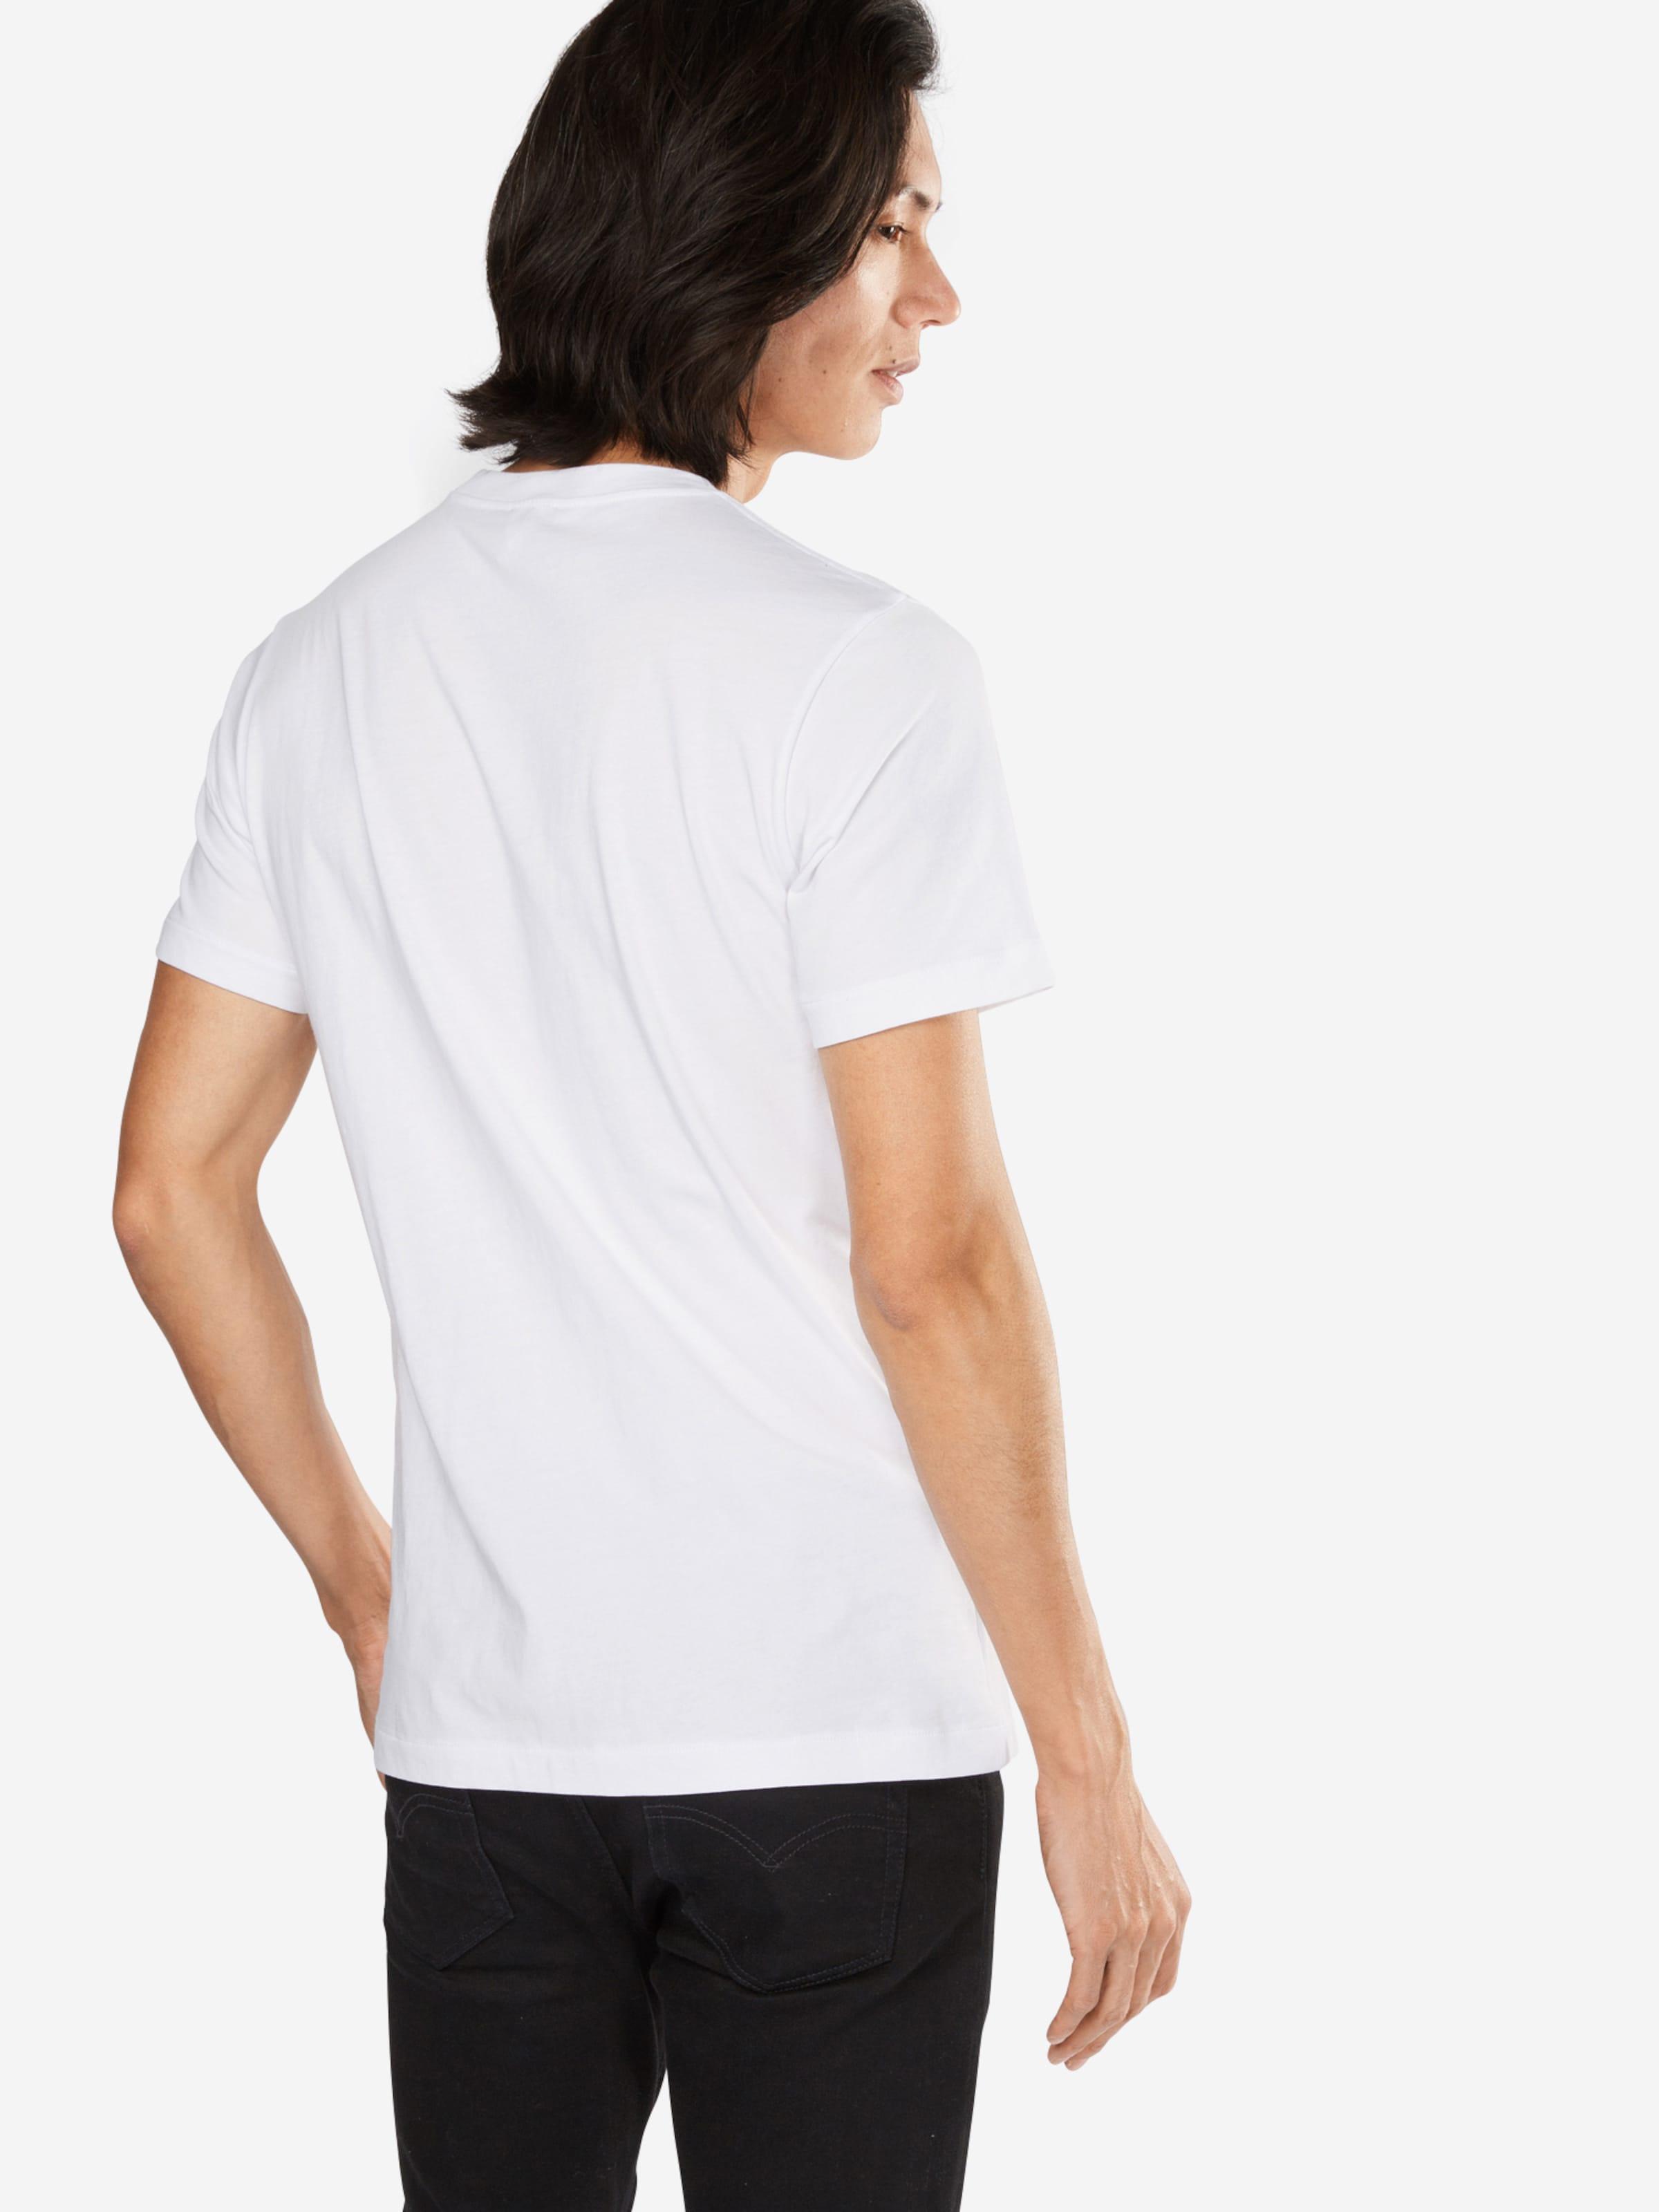 Billige Visum Zahlung DIESEL T-Shirt 'BMOWT-PARSEN-S HEMD' Billig Verkauf 2018 Neue RdRXc